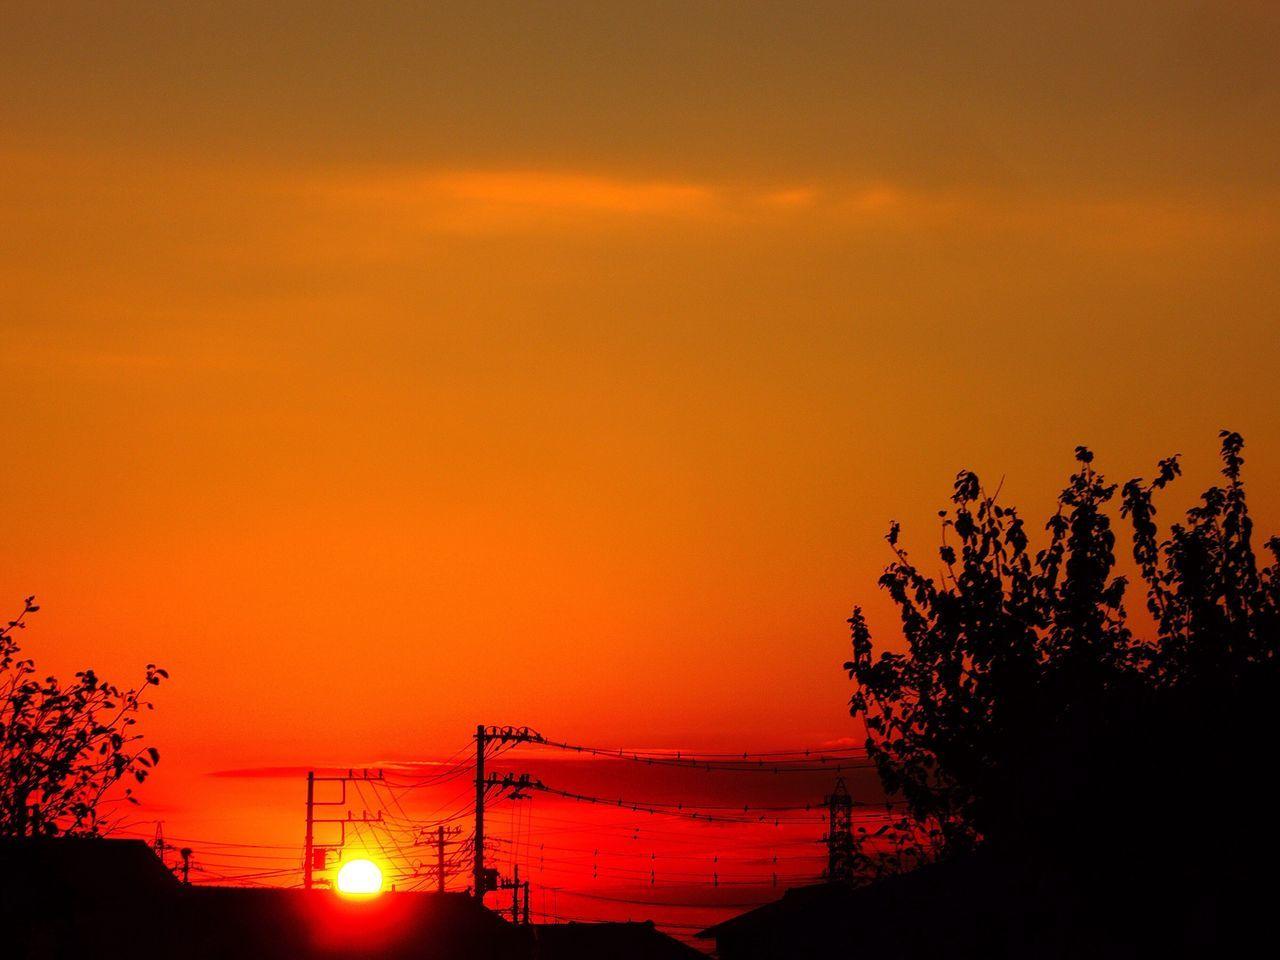 お疲れ様。 NikonP330 Sunset Afterglow Twilight 夕暮れ時